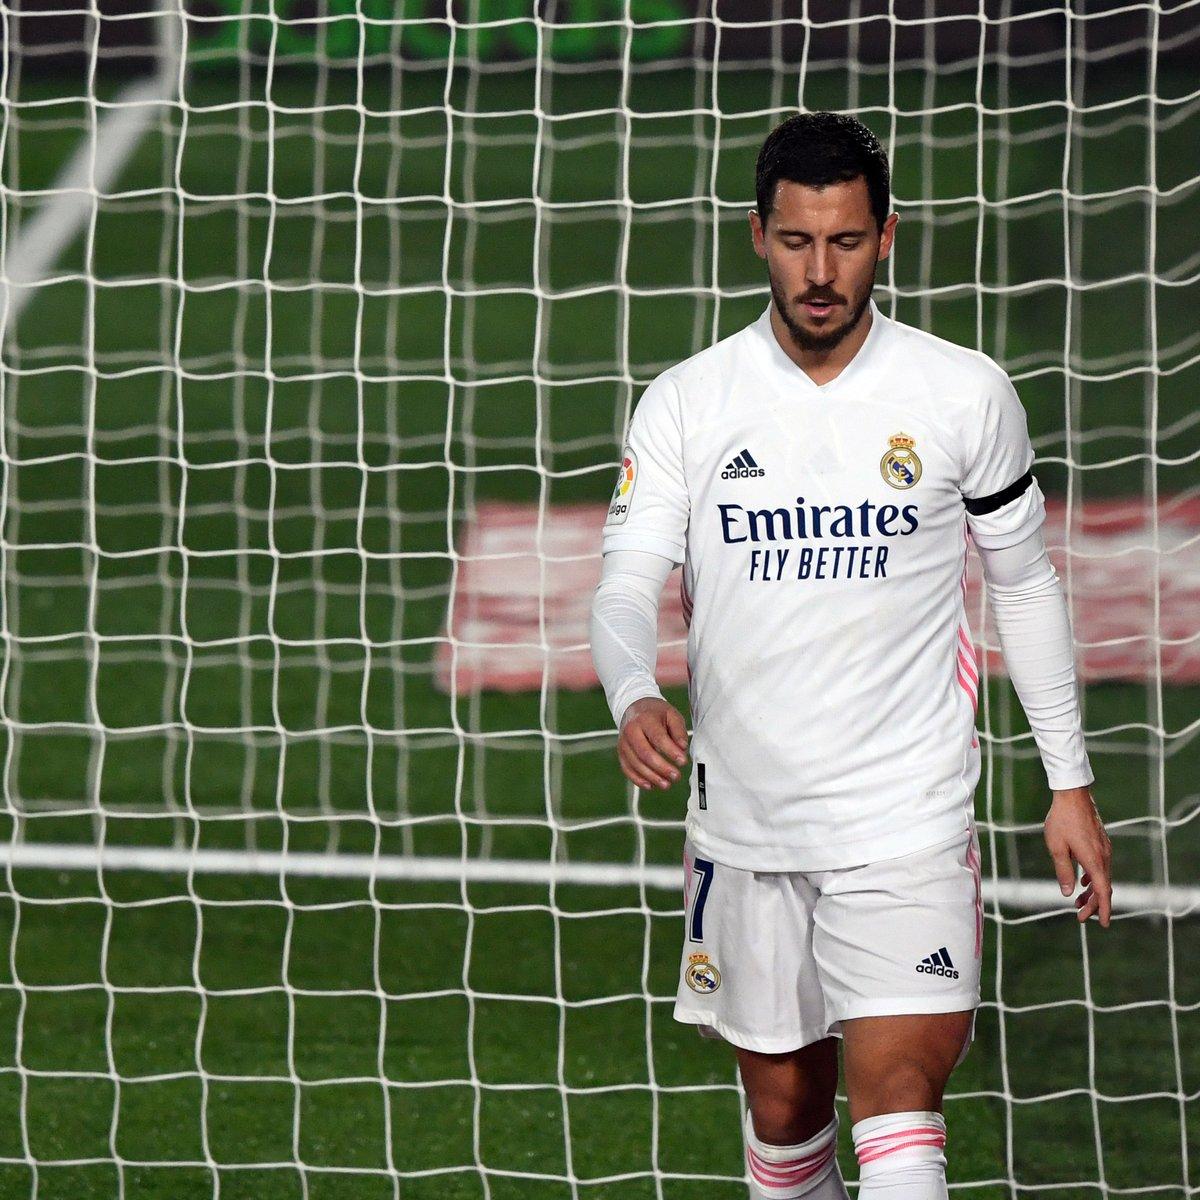 @brfootball's photo on Madrid